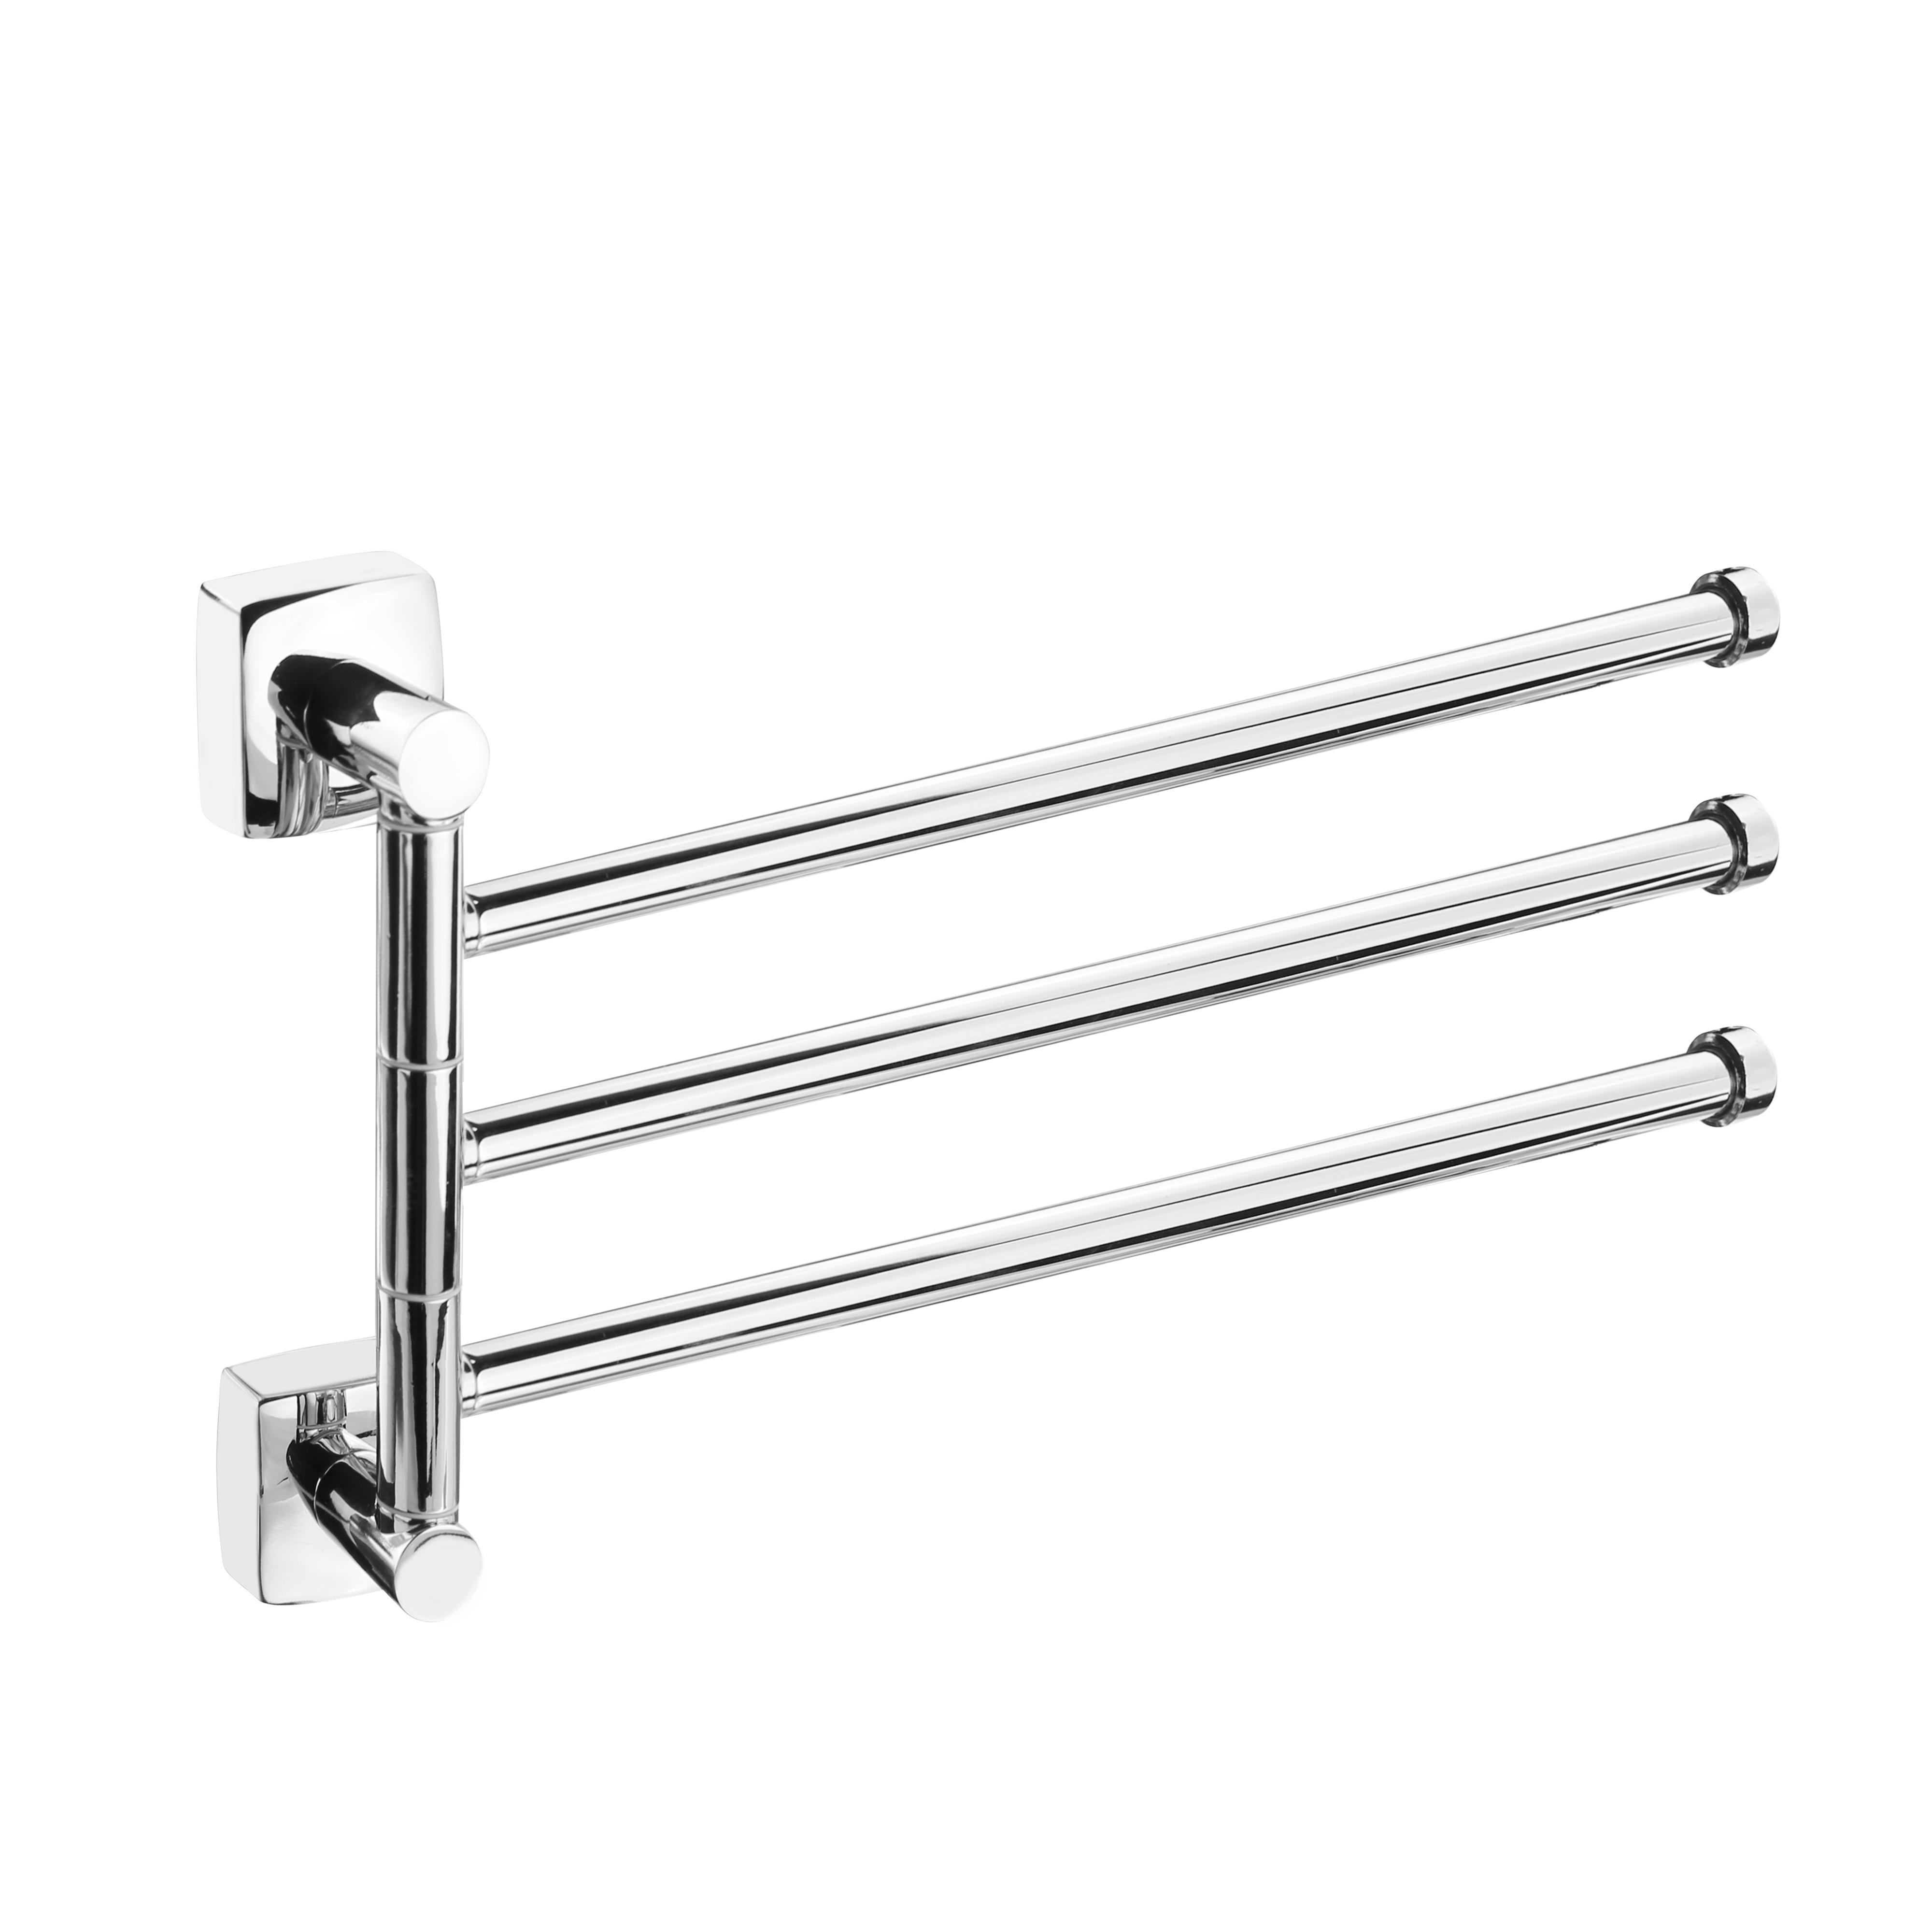 Держатель для полотенец ForaДержатели для ванной комнаты<br>Назначение: для полотенца,<br>Цвет покрытия: хром,<br>Материал: металл,<br>Способ крепления: на стену,<br>Высота: 190,<br>Ширина: 50,<br>Глубина: 360<br>